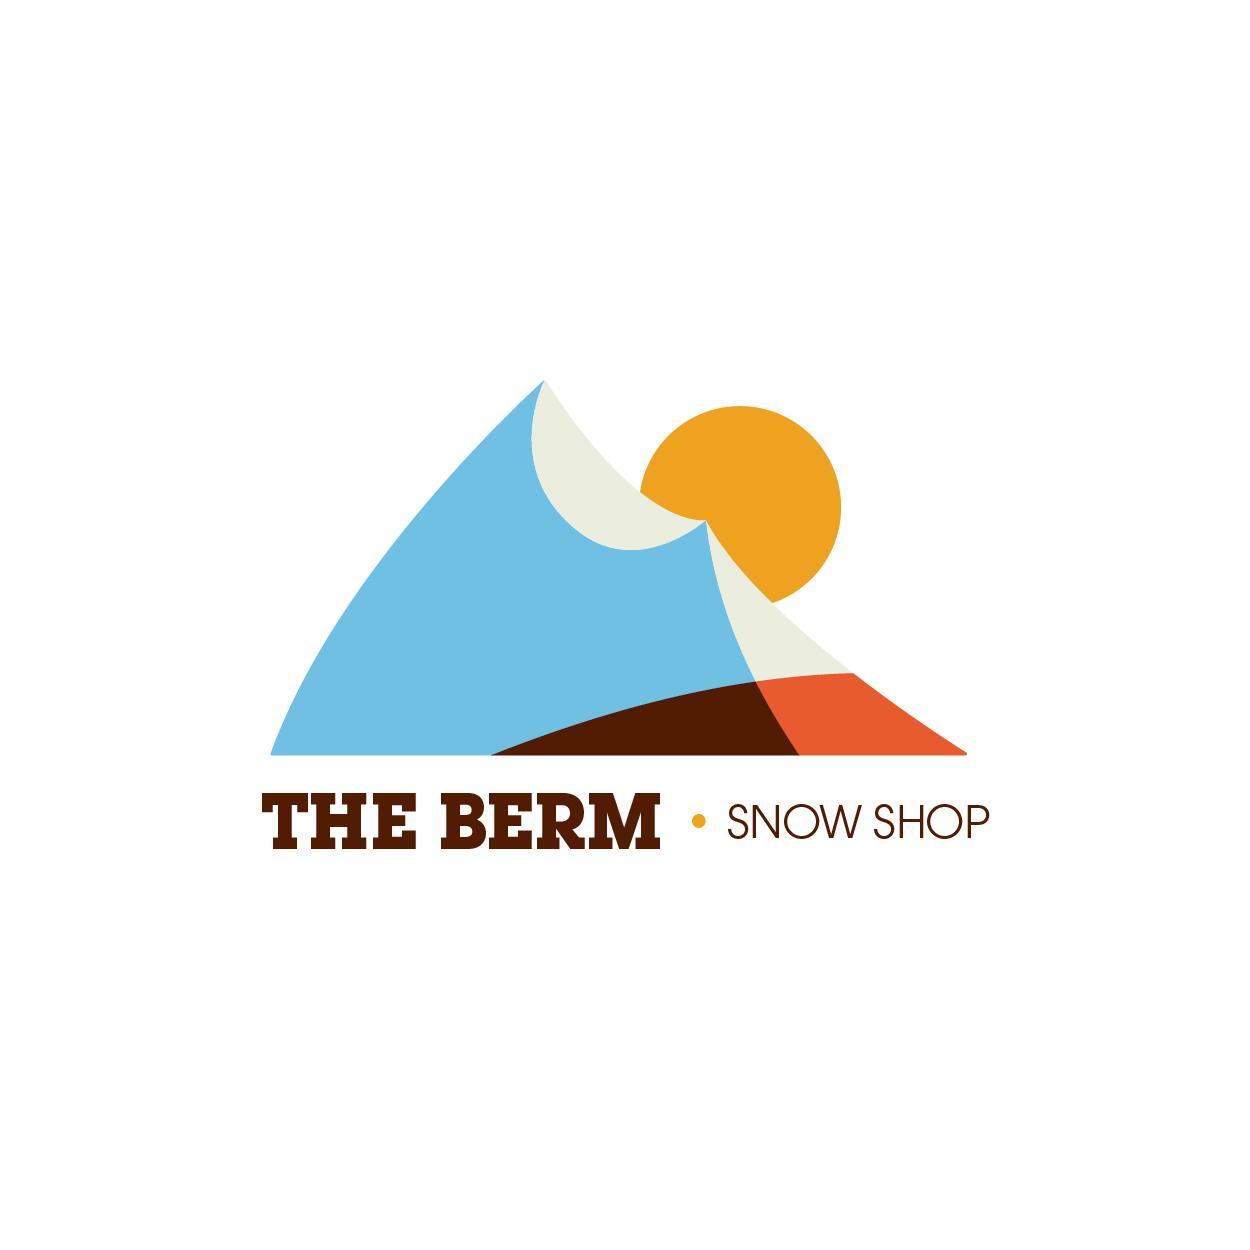 The Berm - Snow Shop